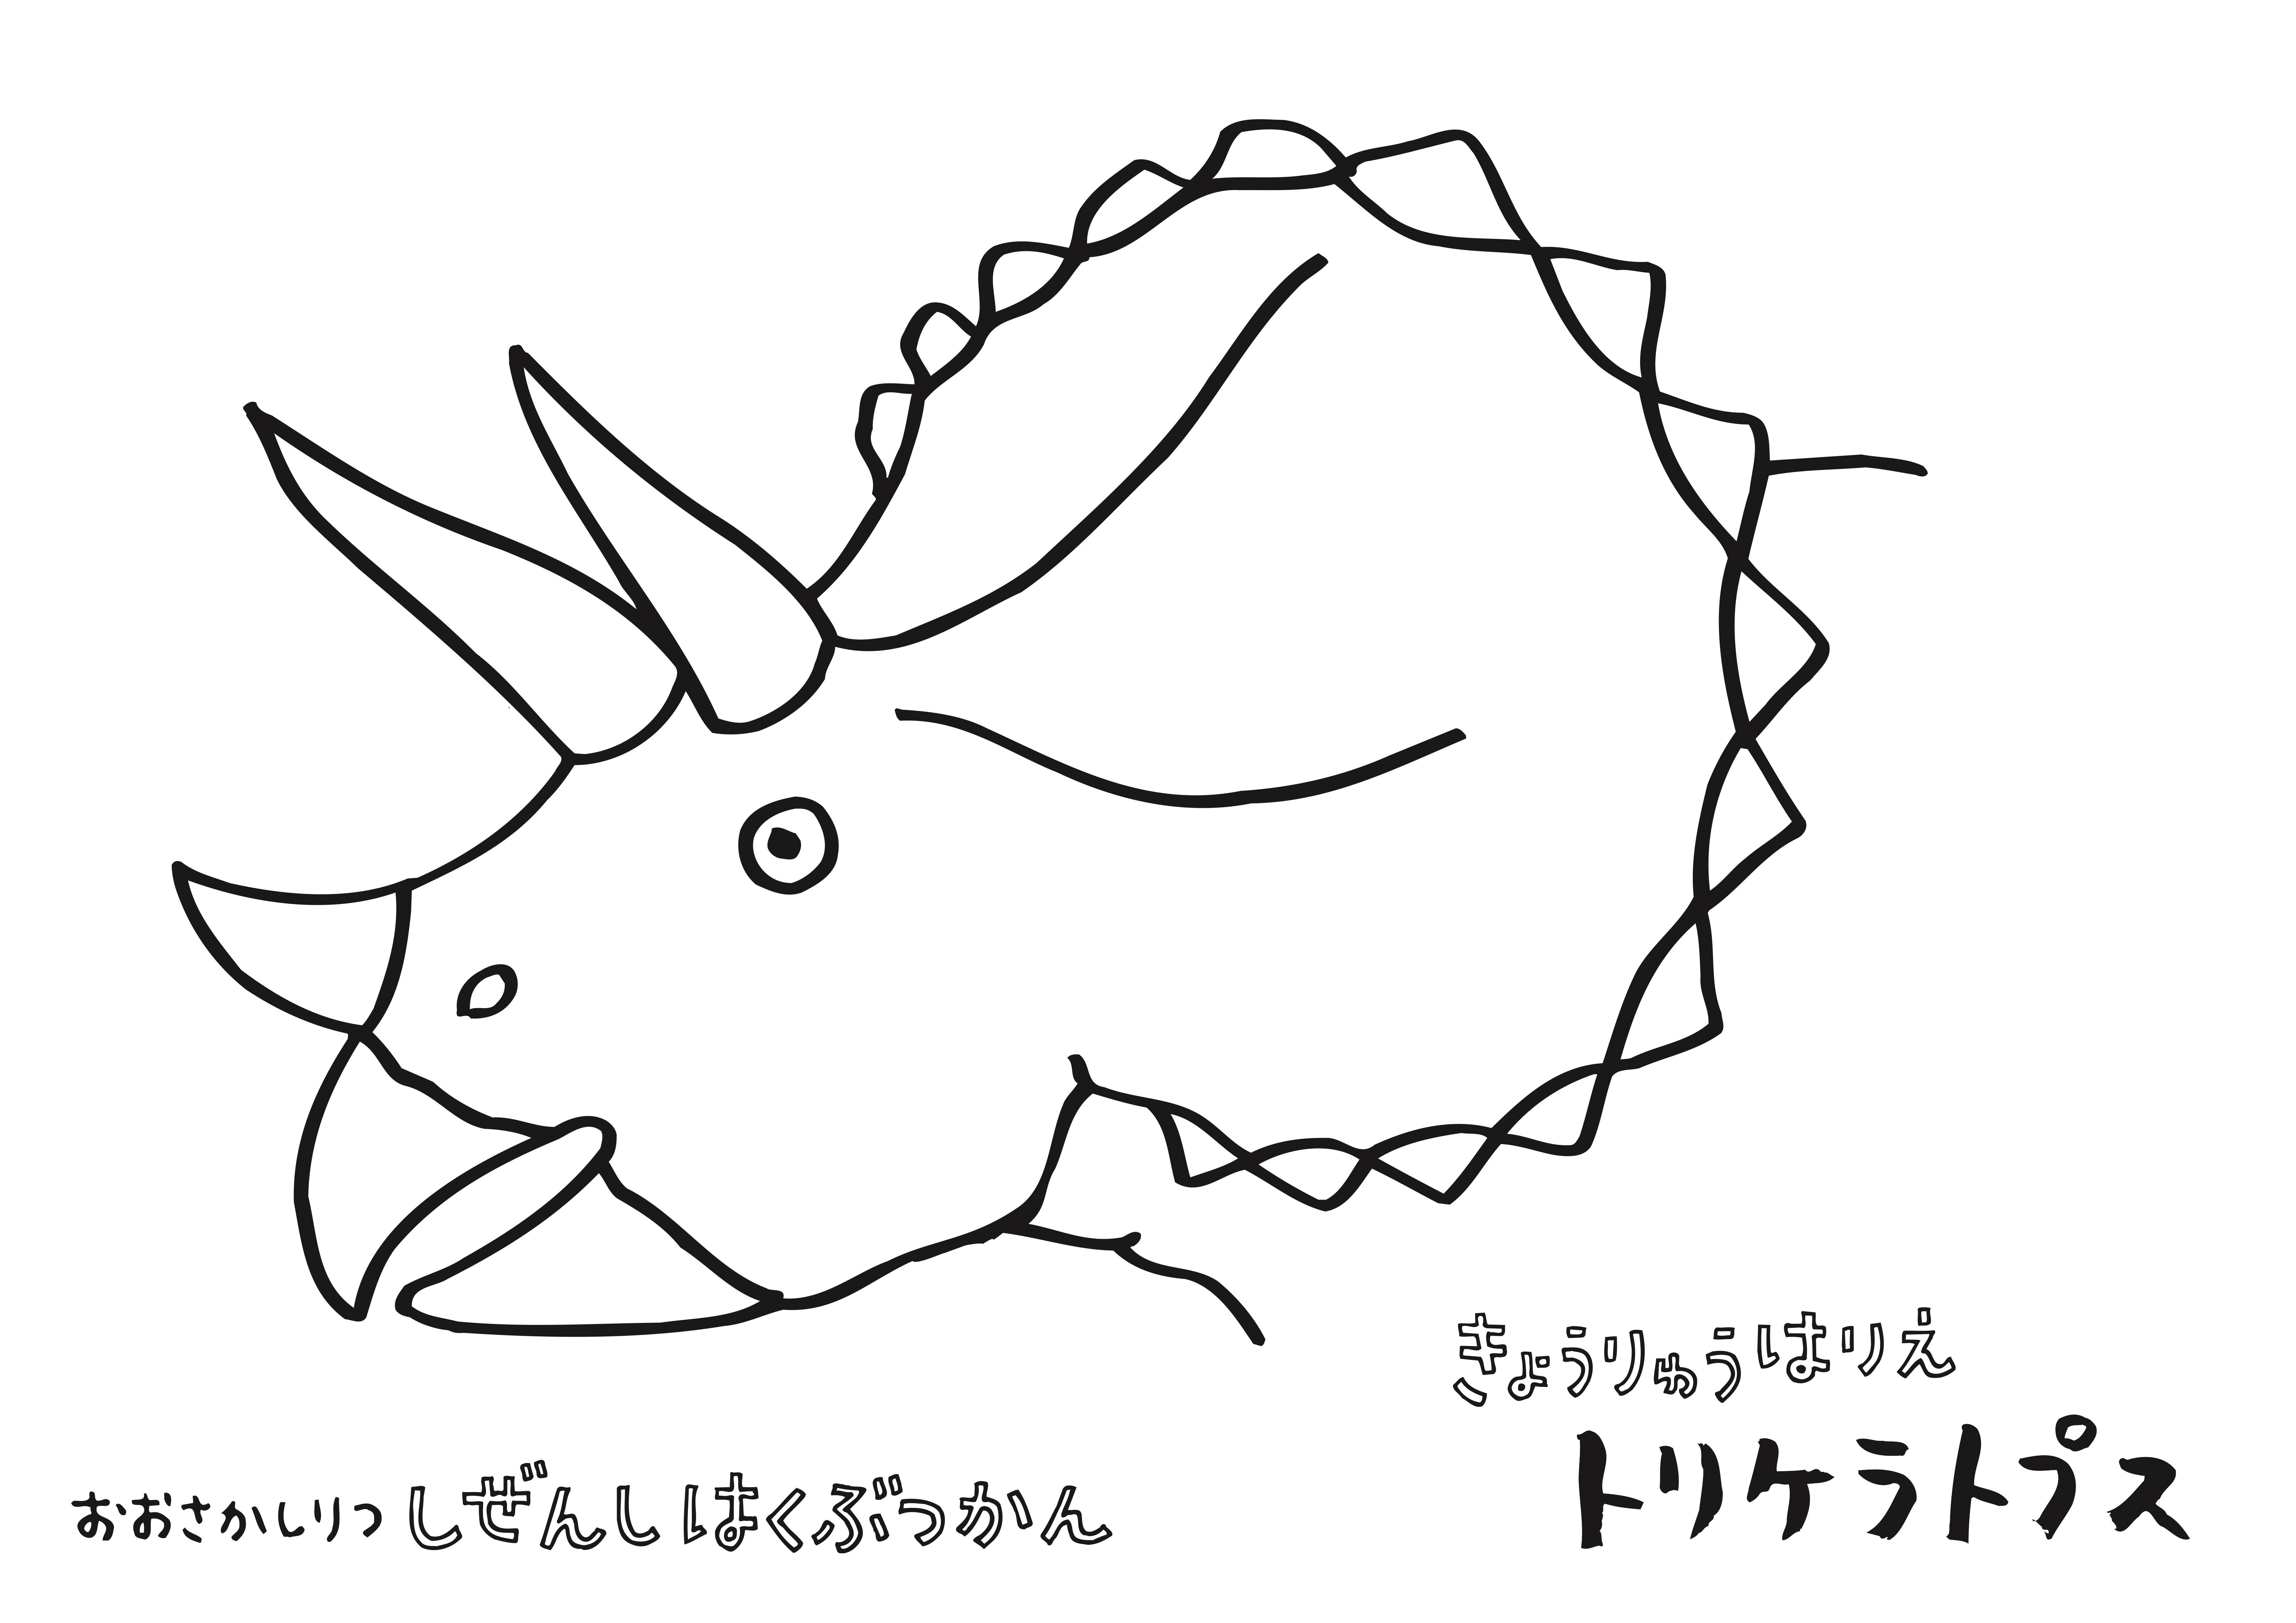 トリケラトプス.jpg